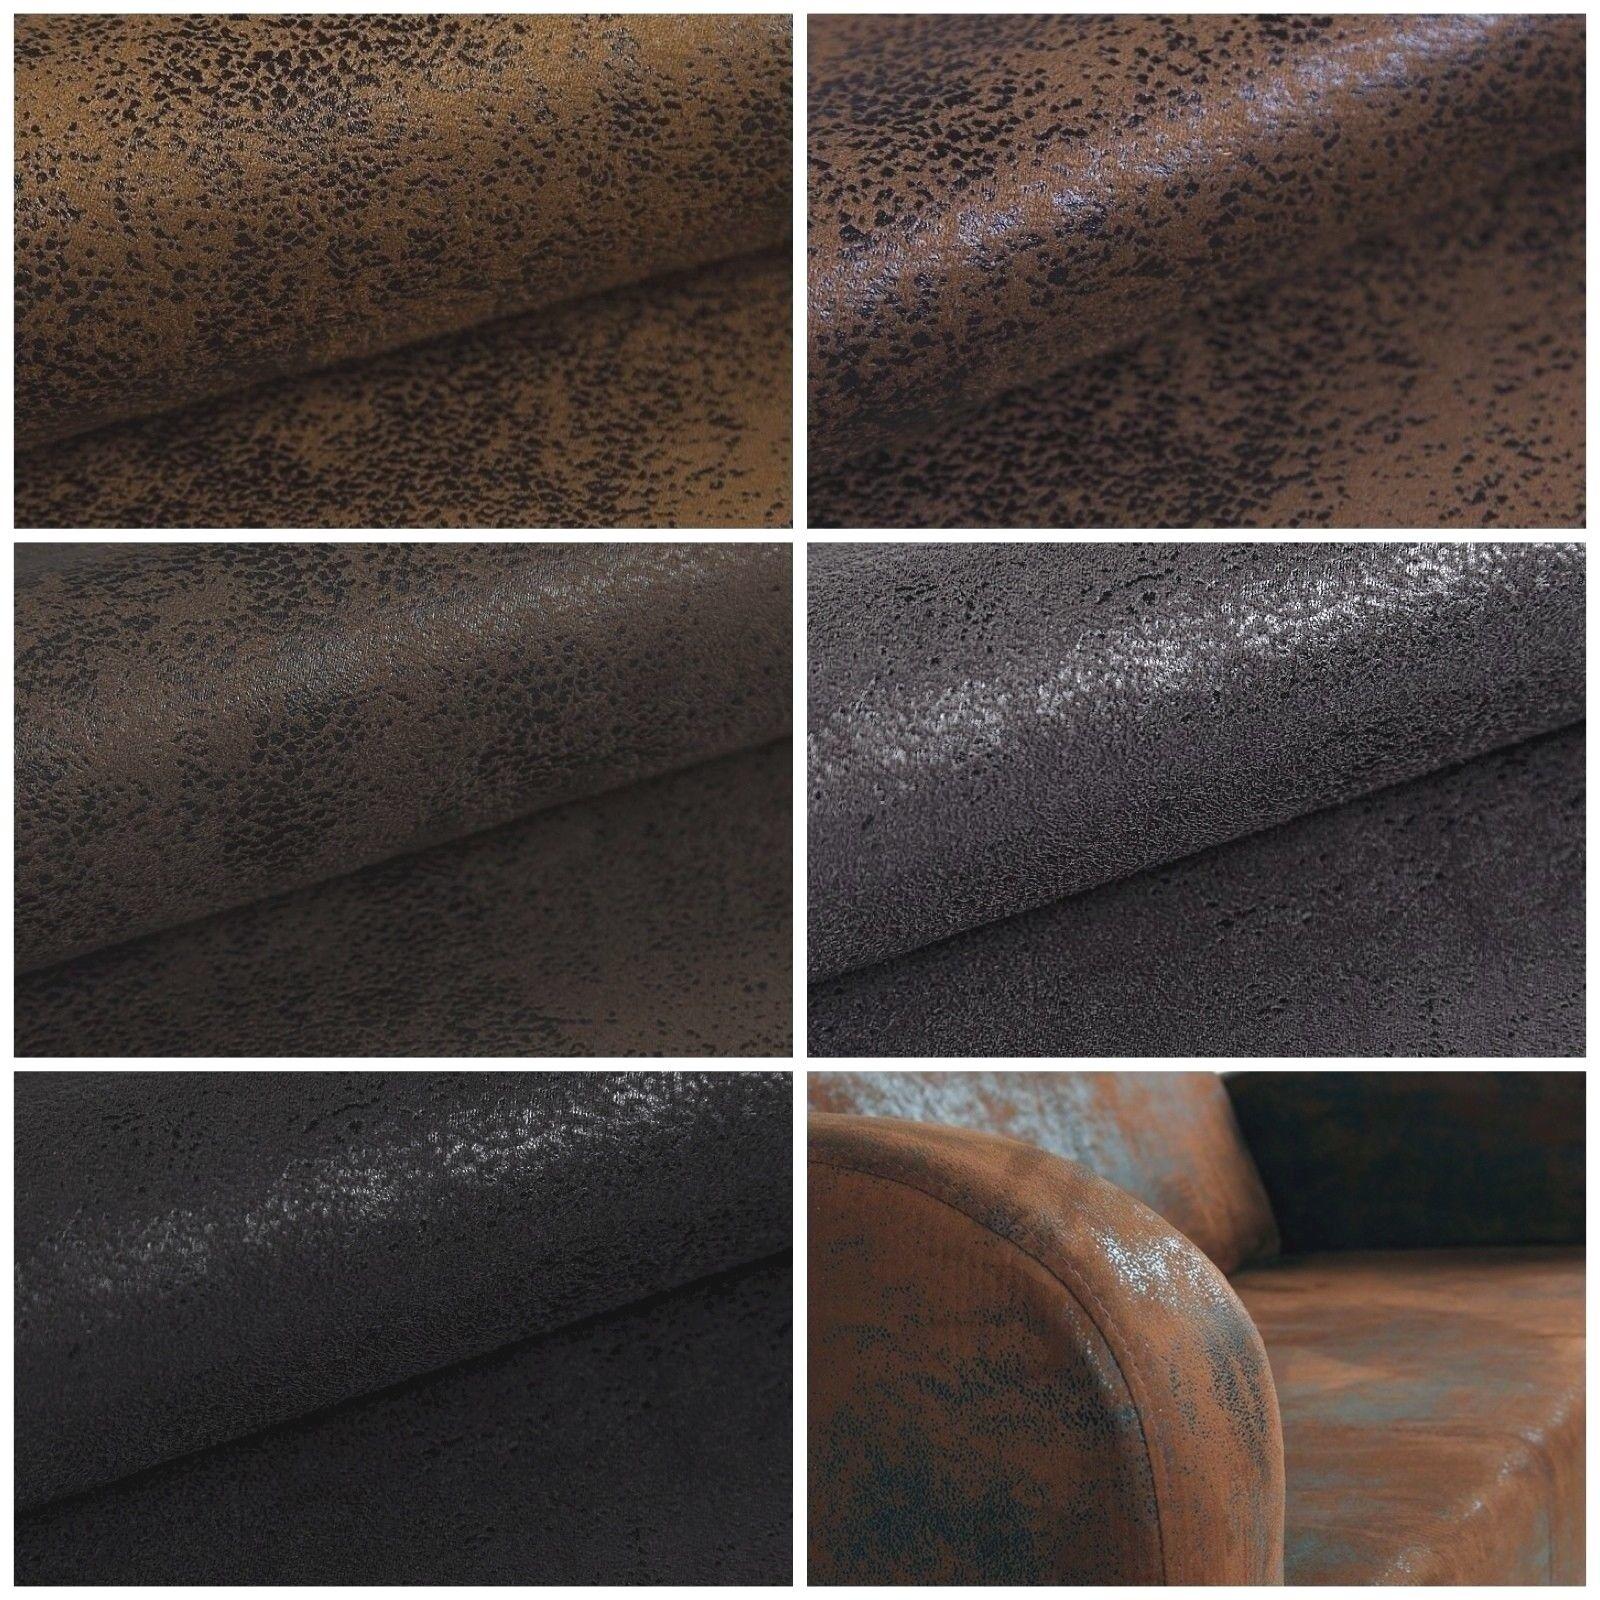 AFRICA Möbel Bezug Polsterstoff Microfaser Stoff Velour Lederoptik Meterware